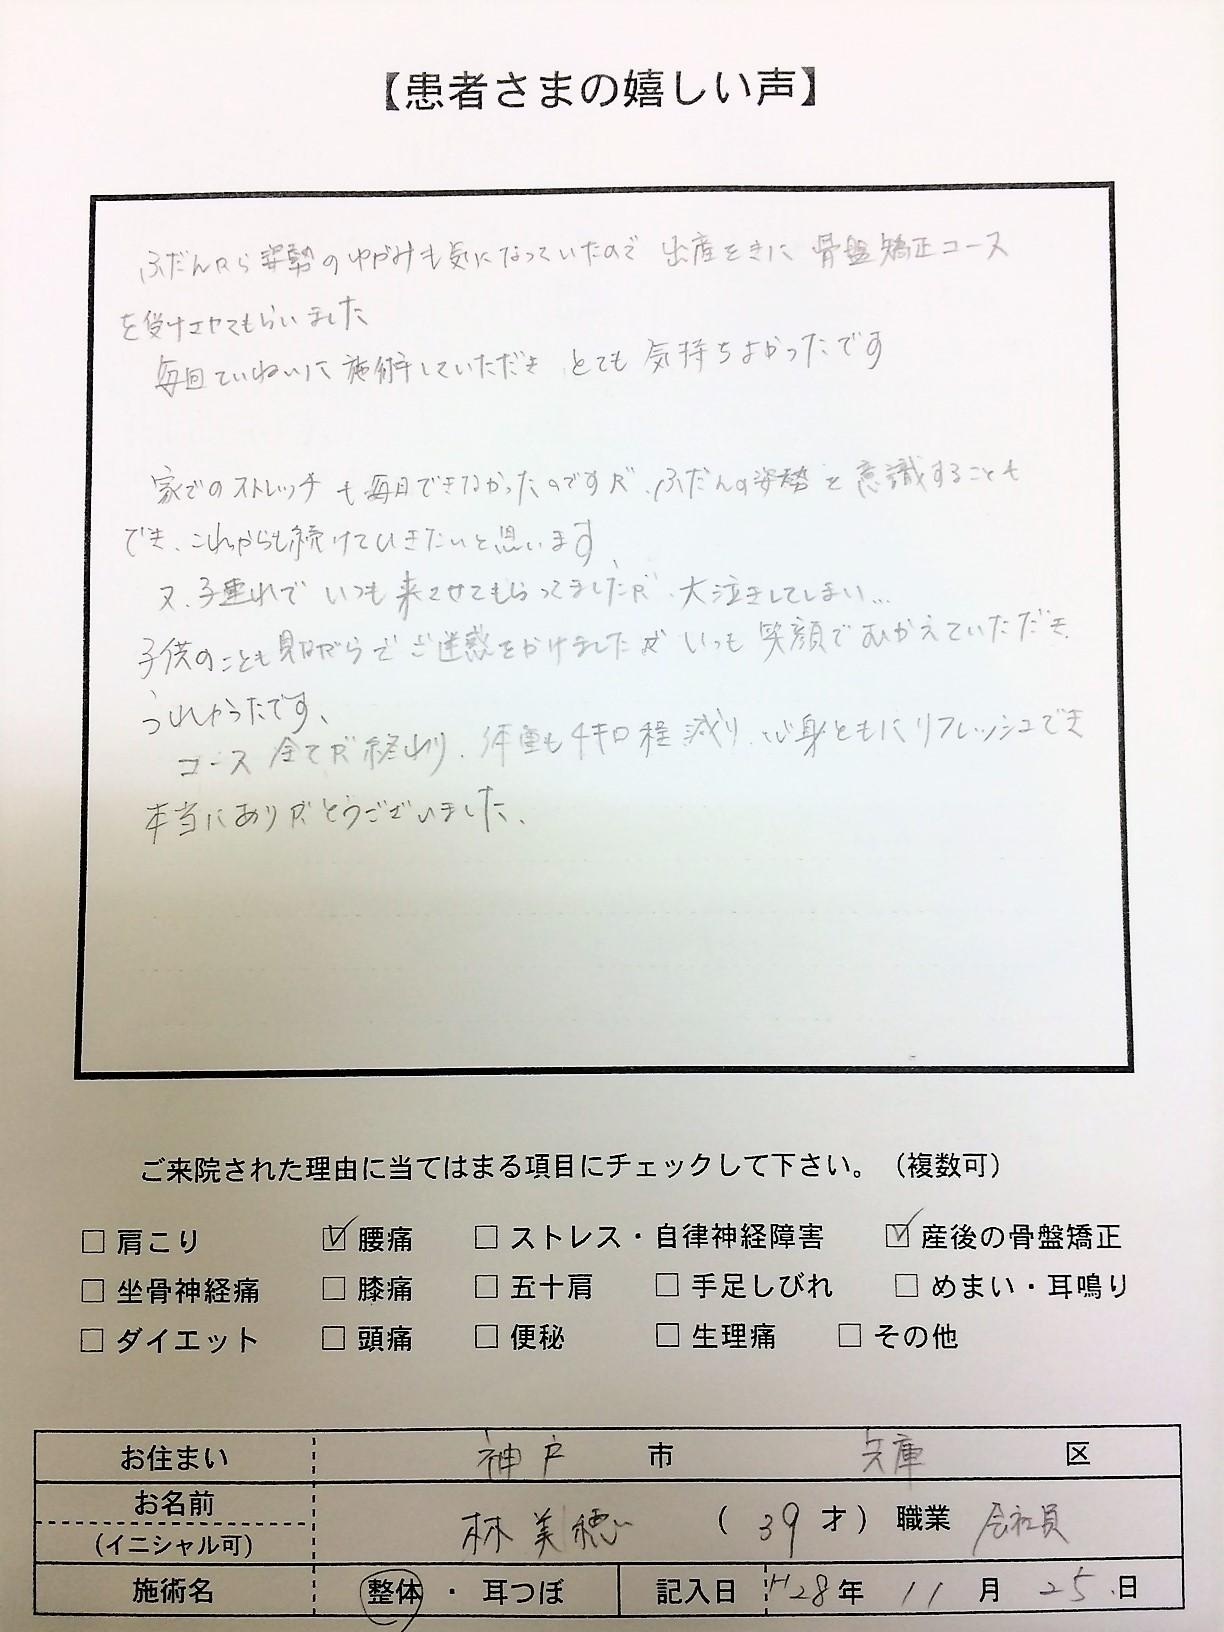 産後骨盤矯正 ⑬神戸市兵庫区 林様 39才 会社員.jpg